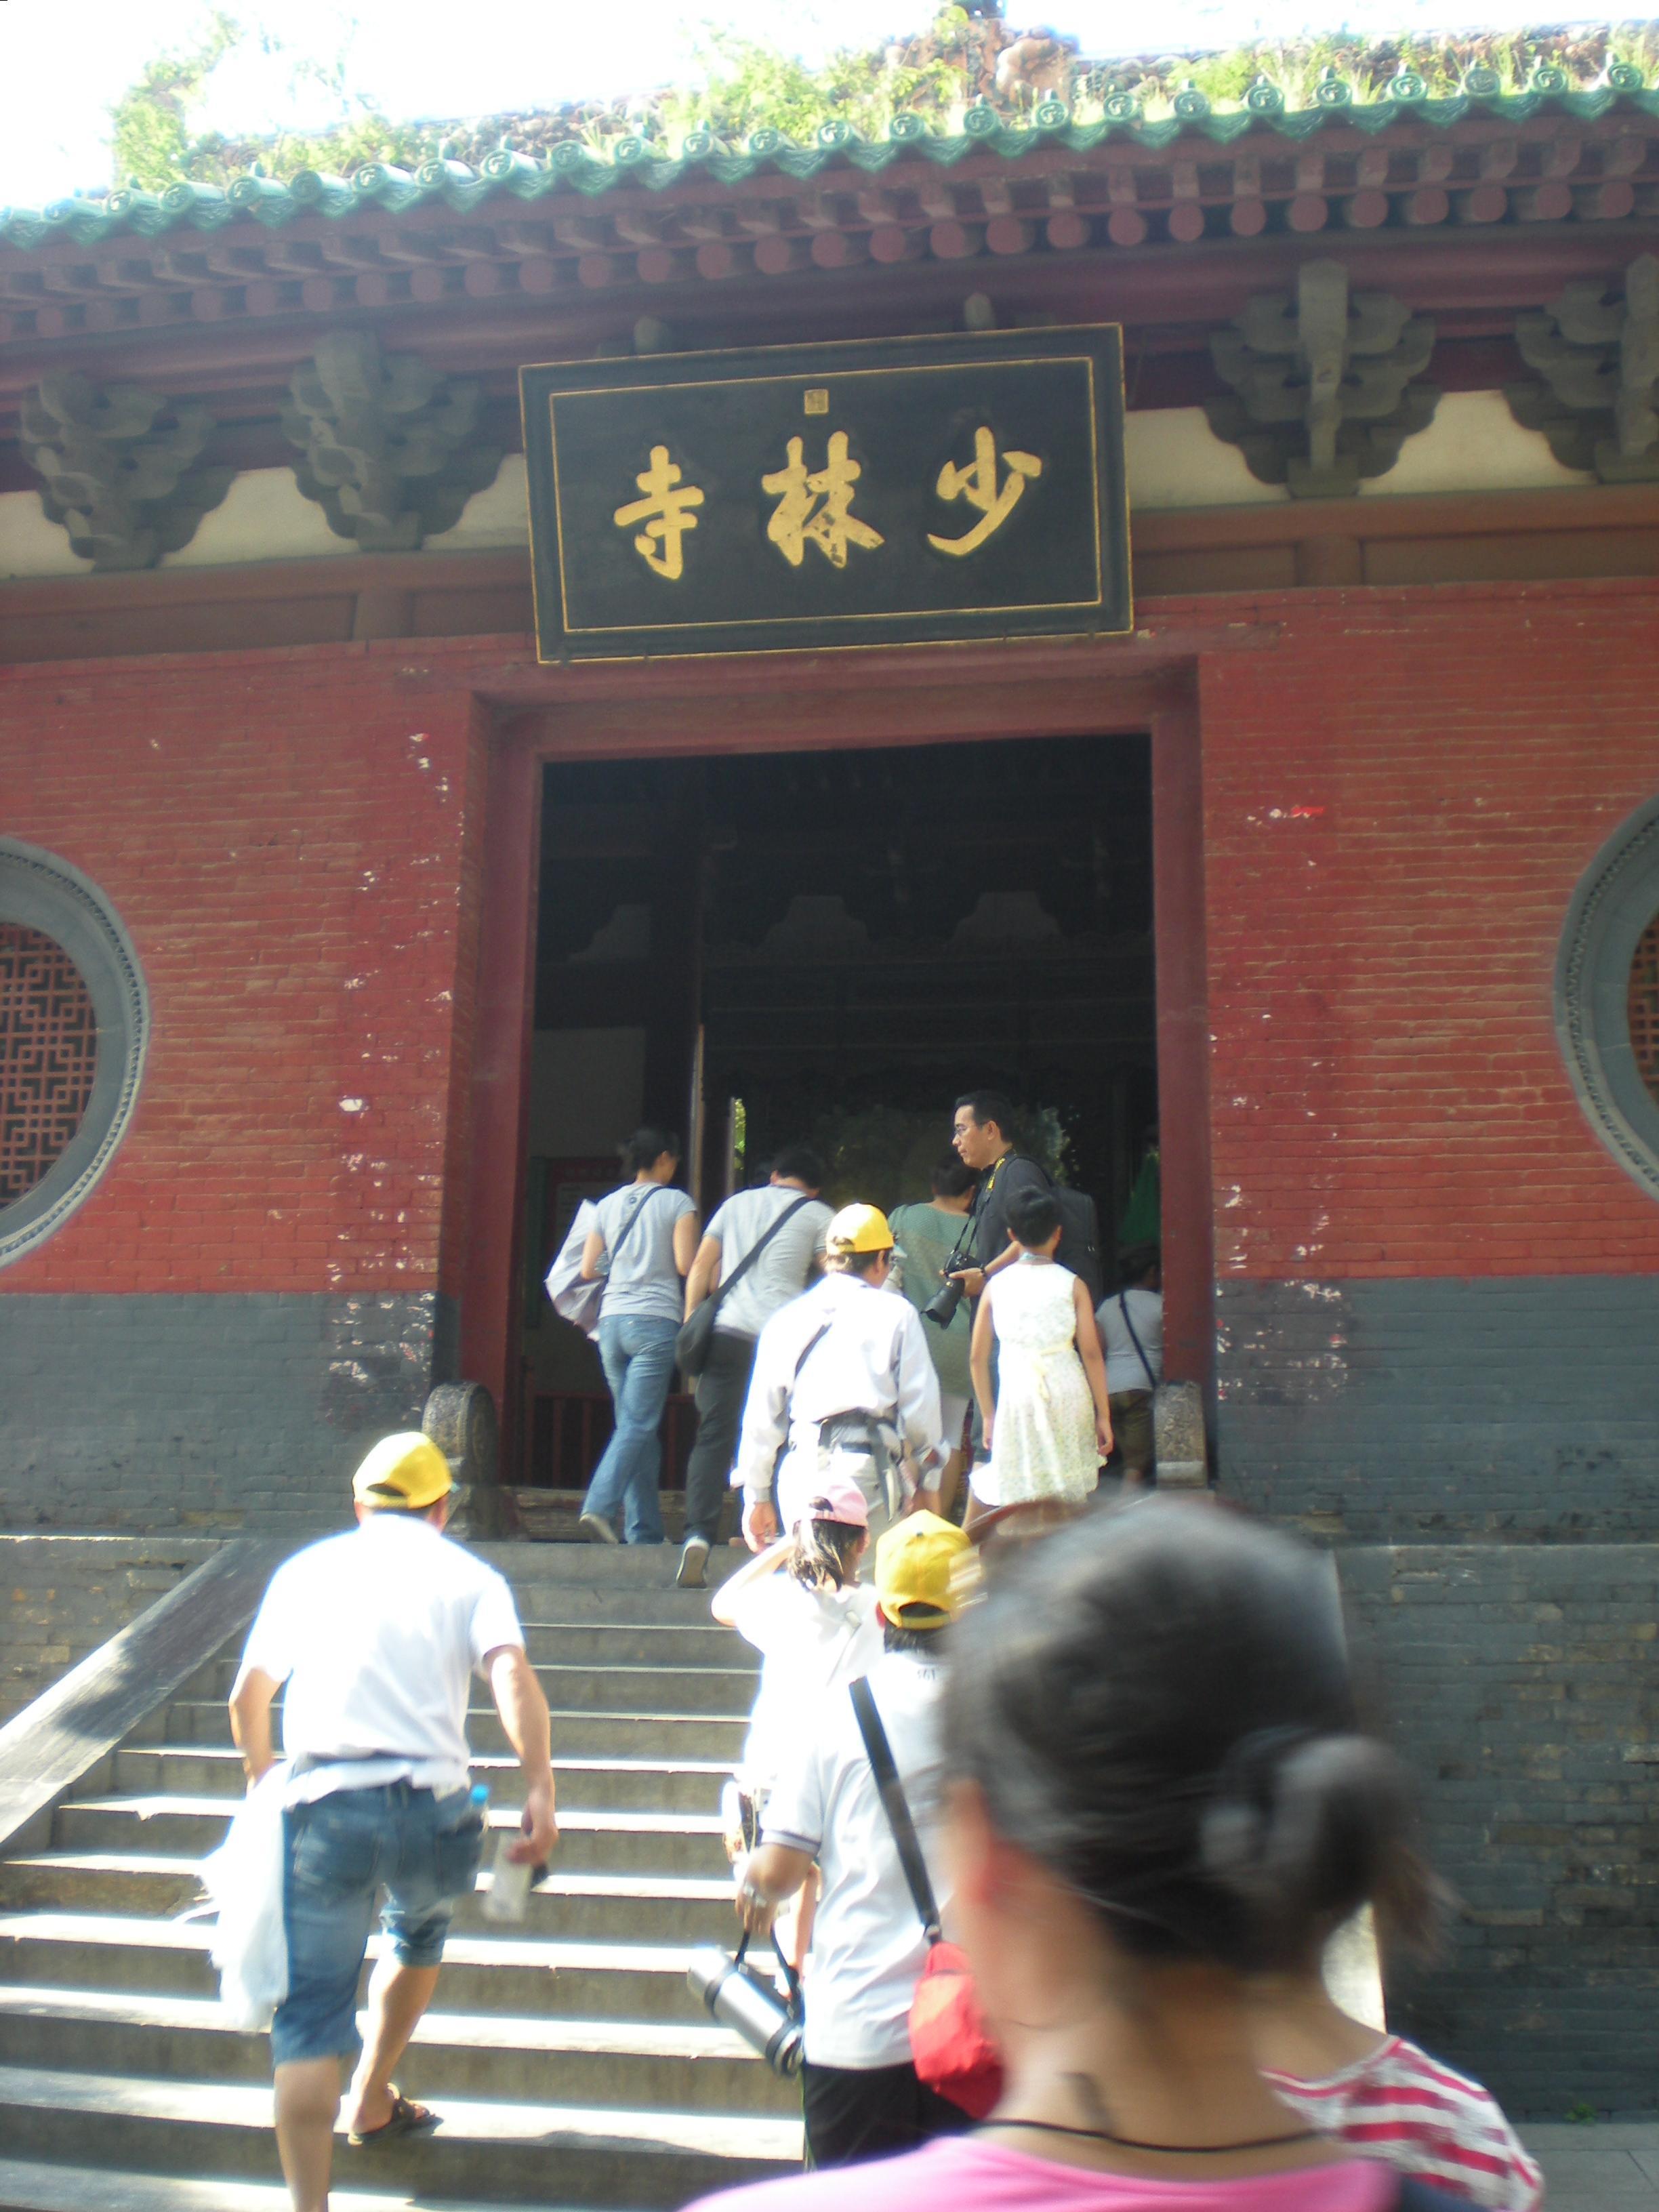 建议到郑州火车站对面的旅游汽车站坐少林寺的旅游专